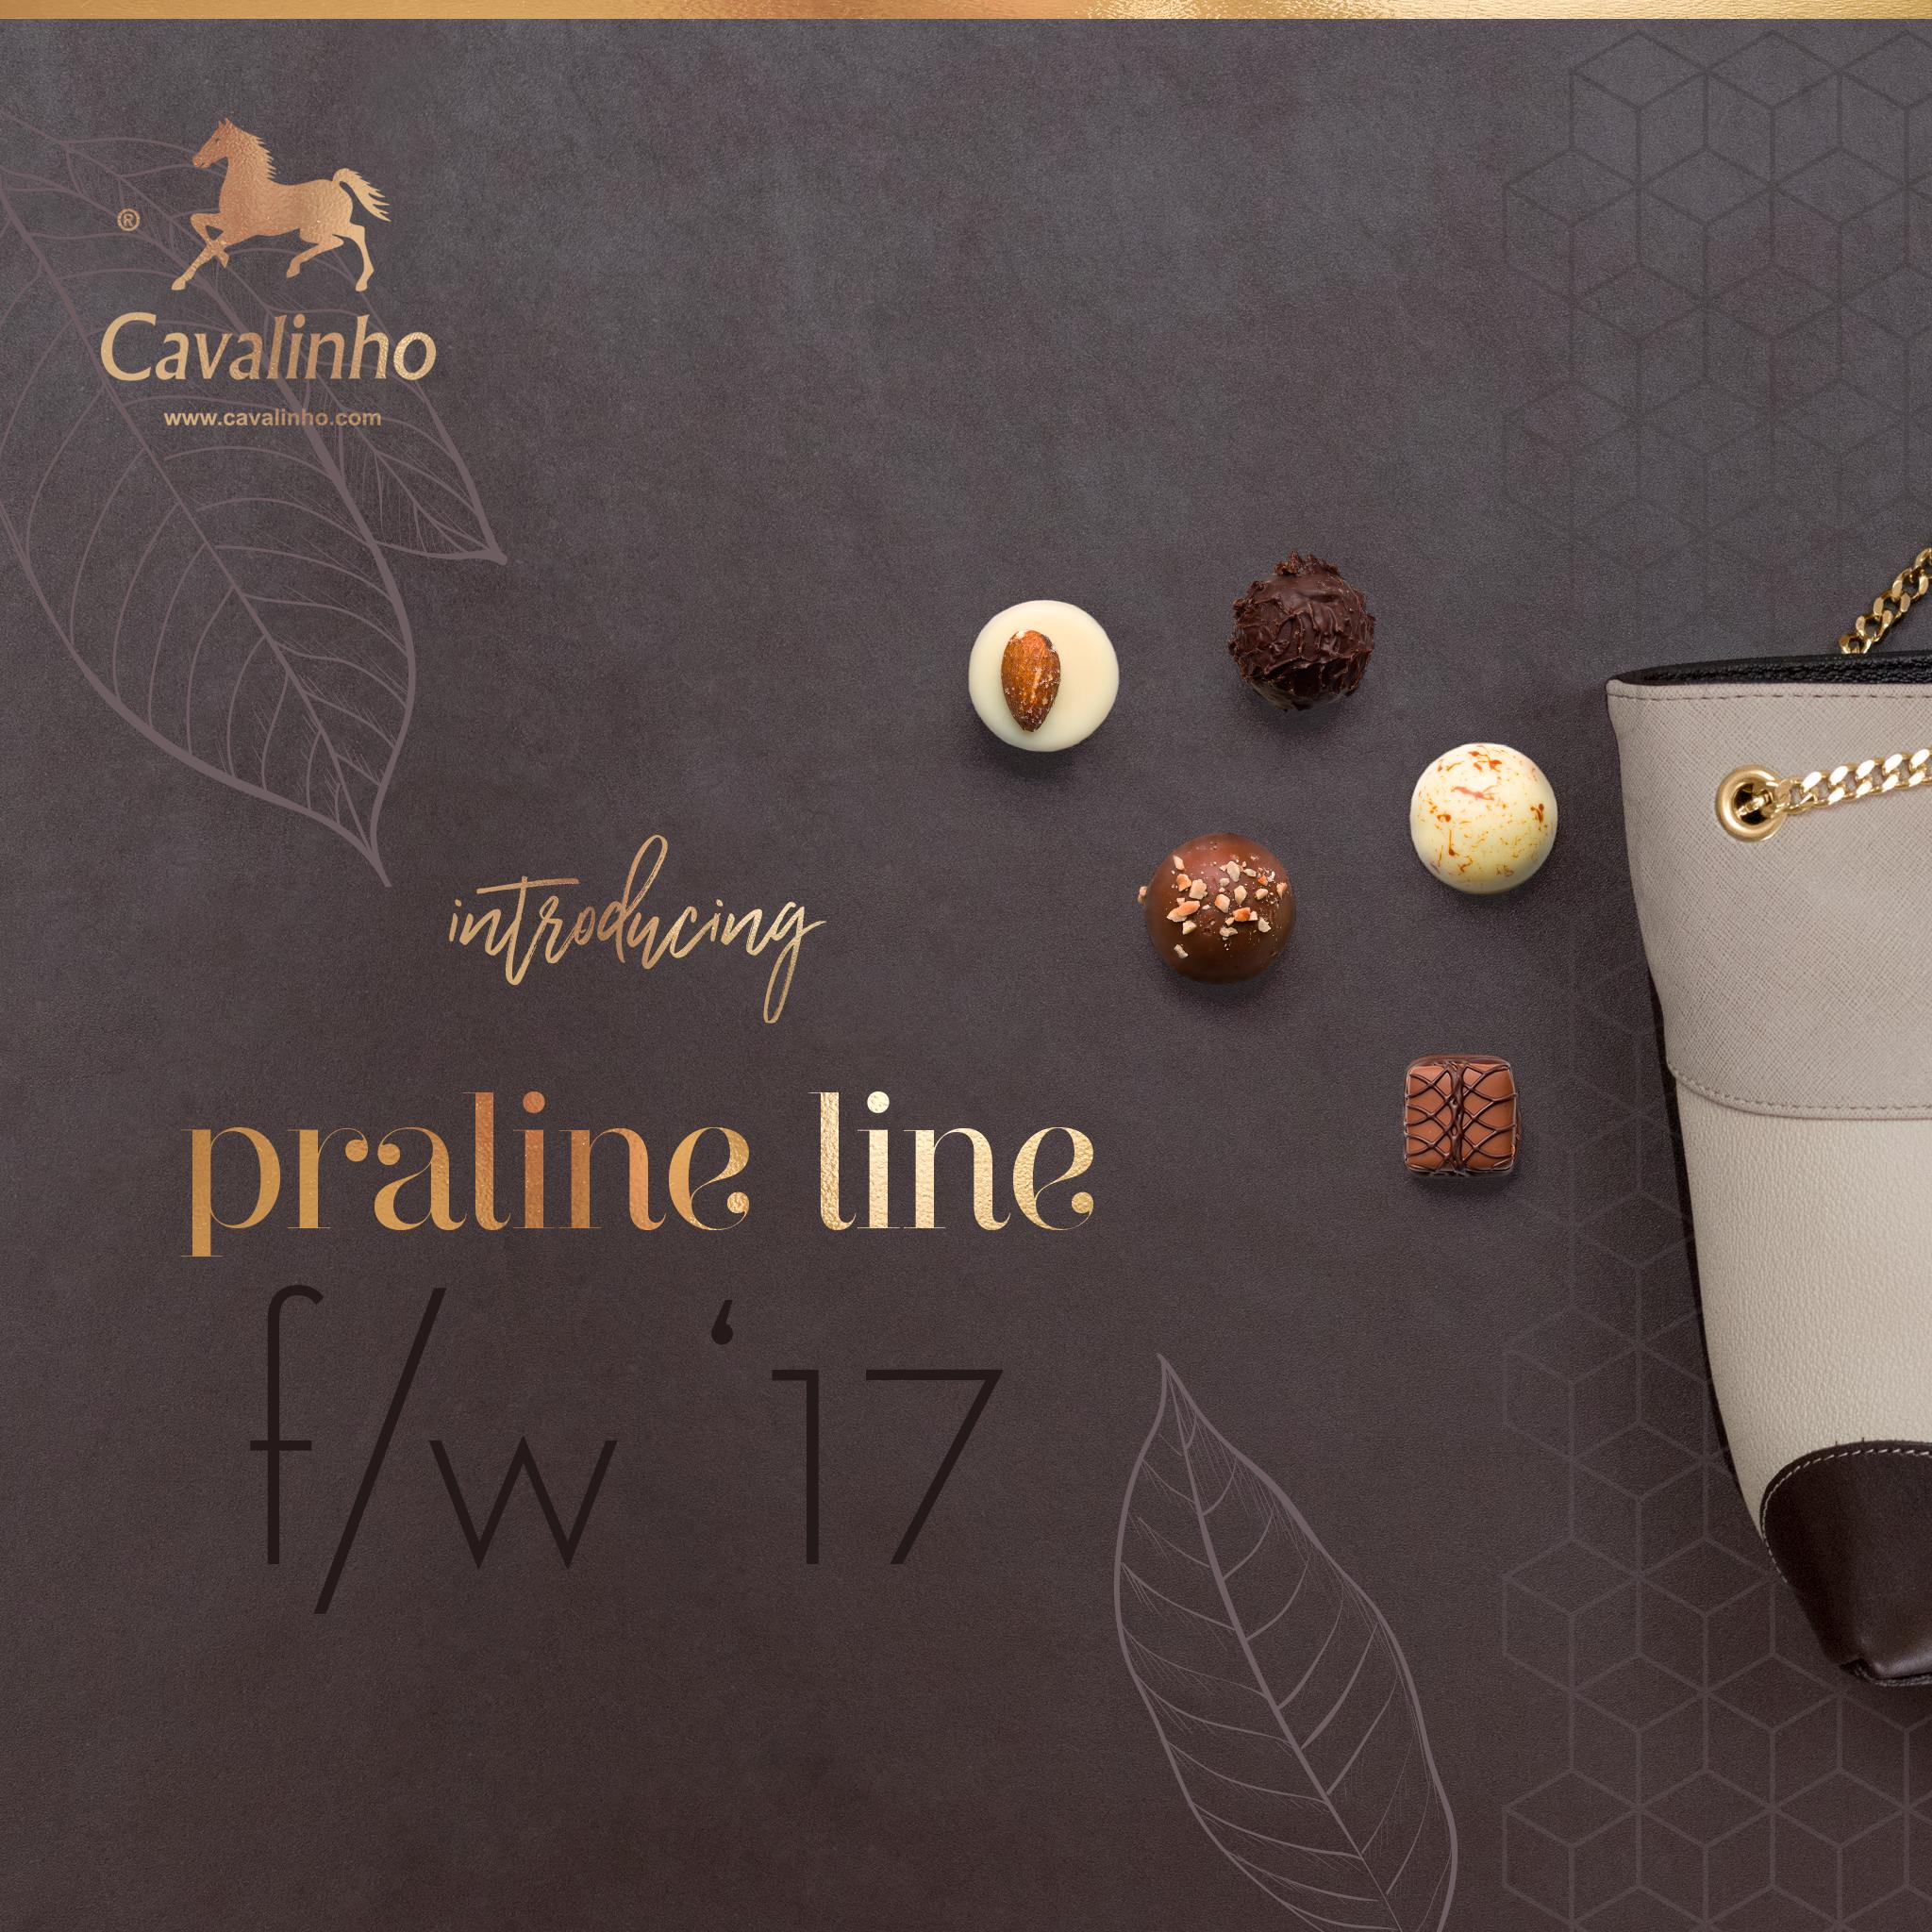 Nova Coleção Outono/Inverno 2017 Cavalinho - Praline Line